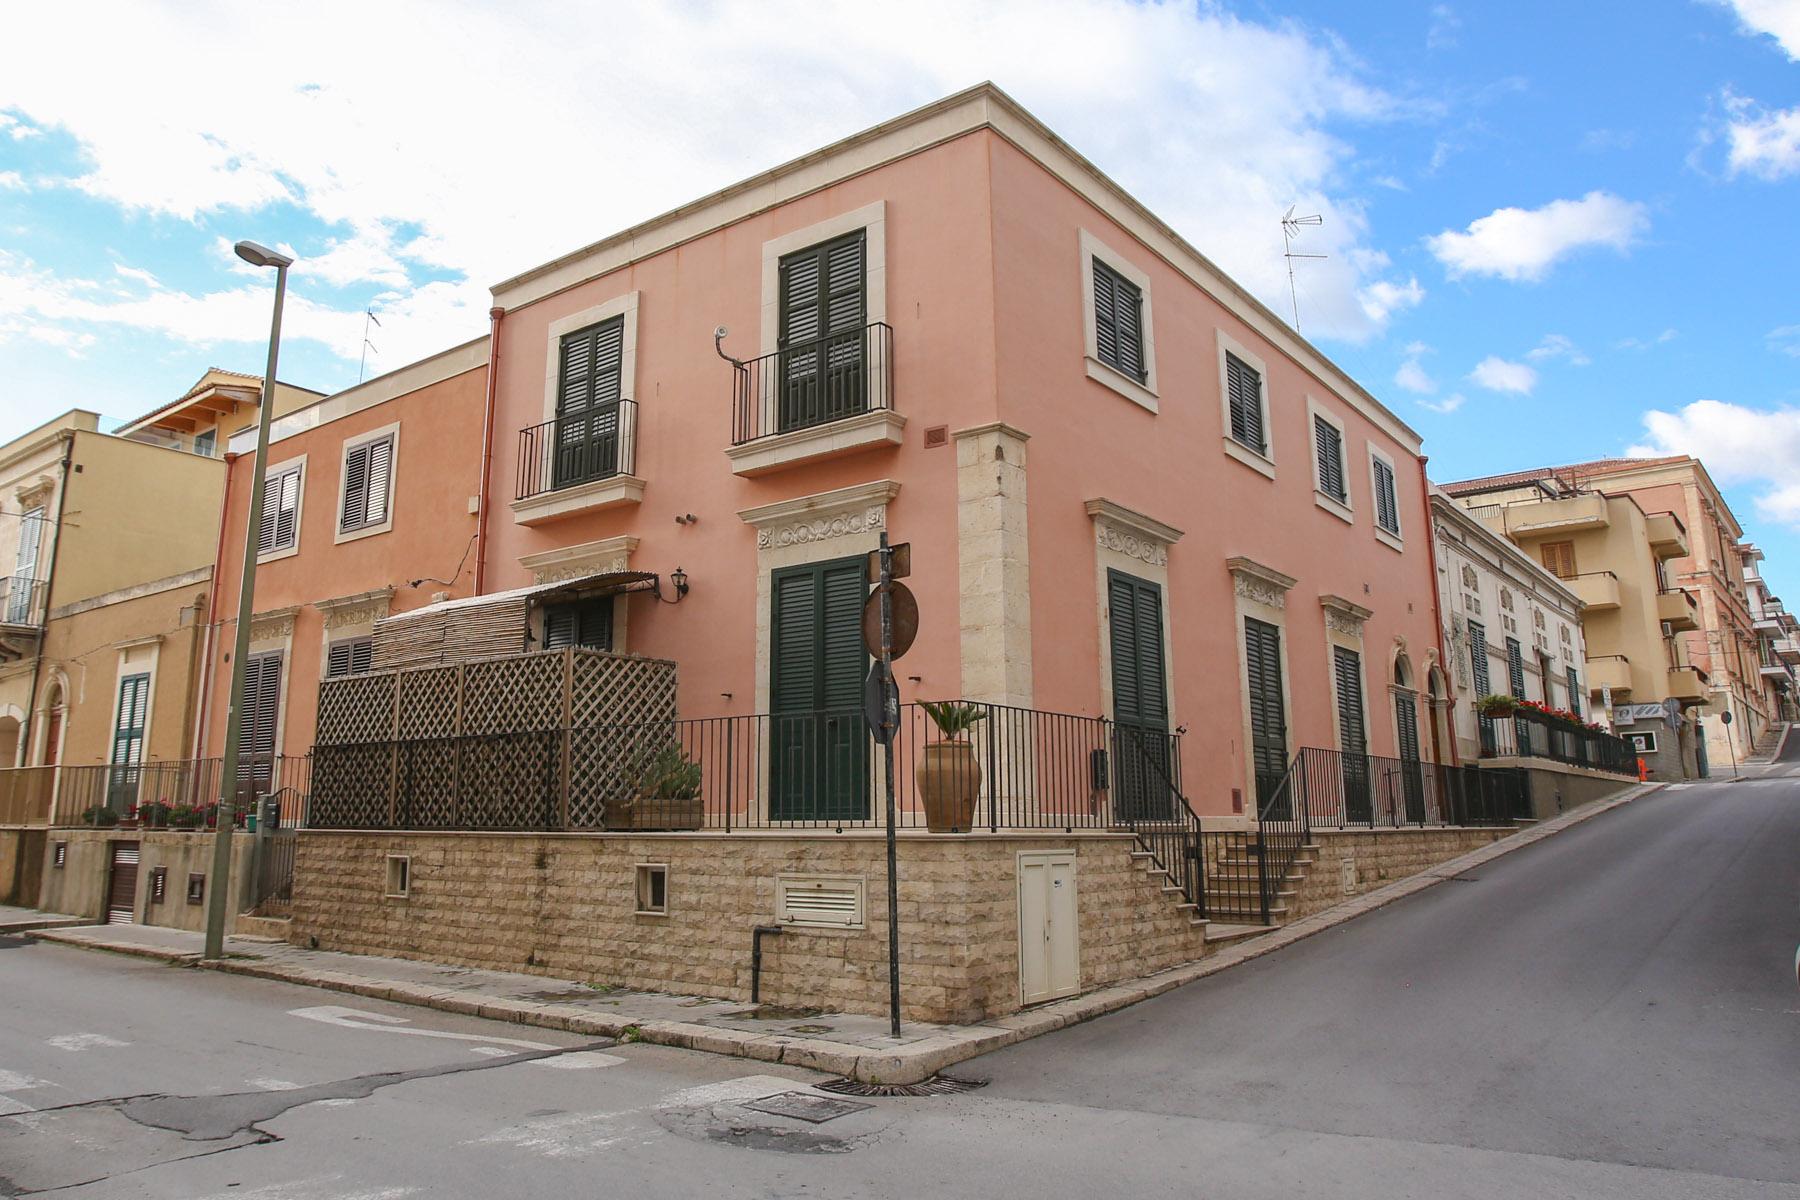 Casa affitto pozzallo e case vacanze in residence a pozzallo for Trova casa in affitto